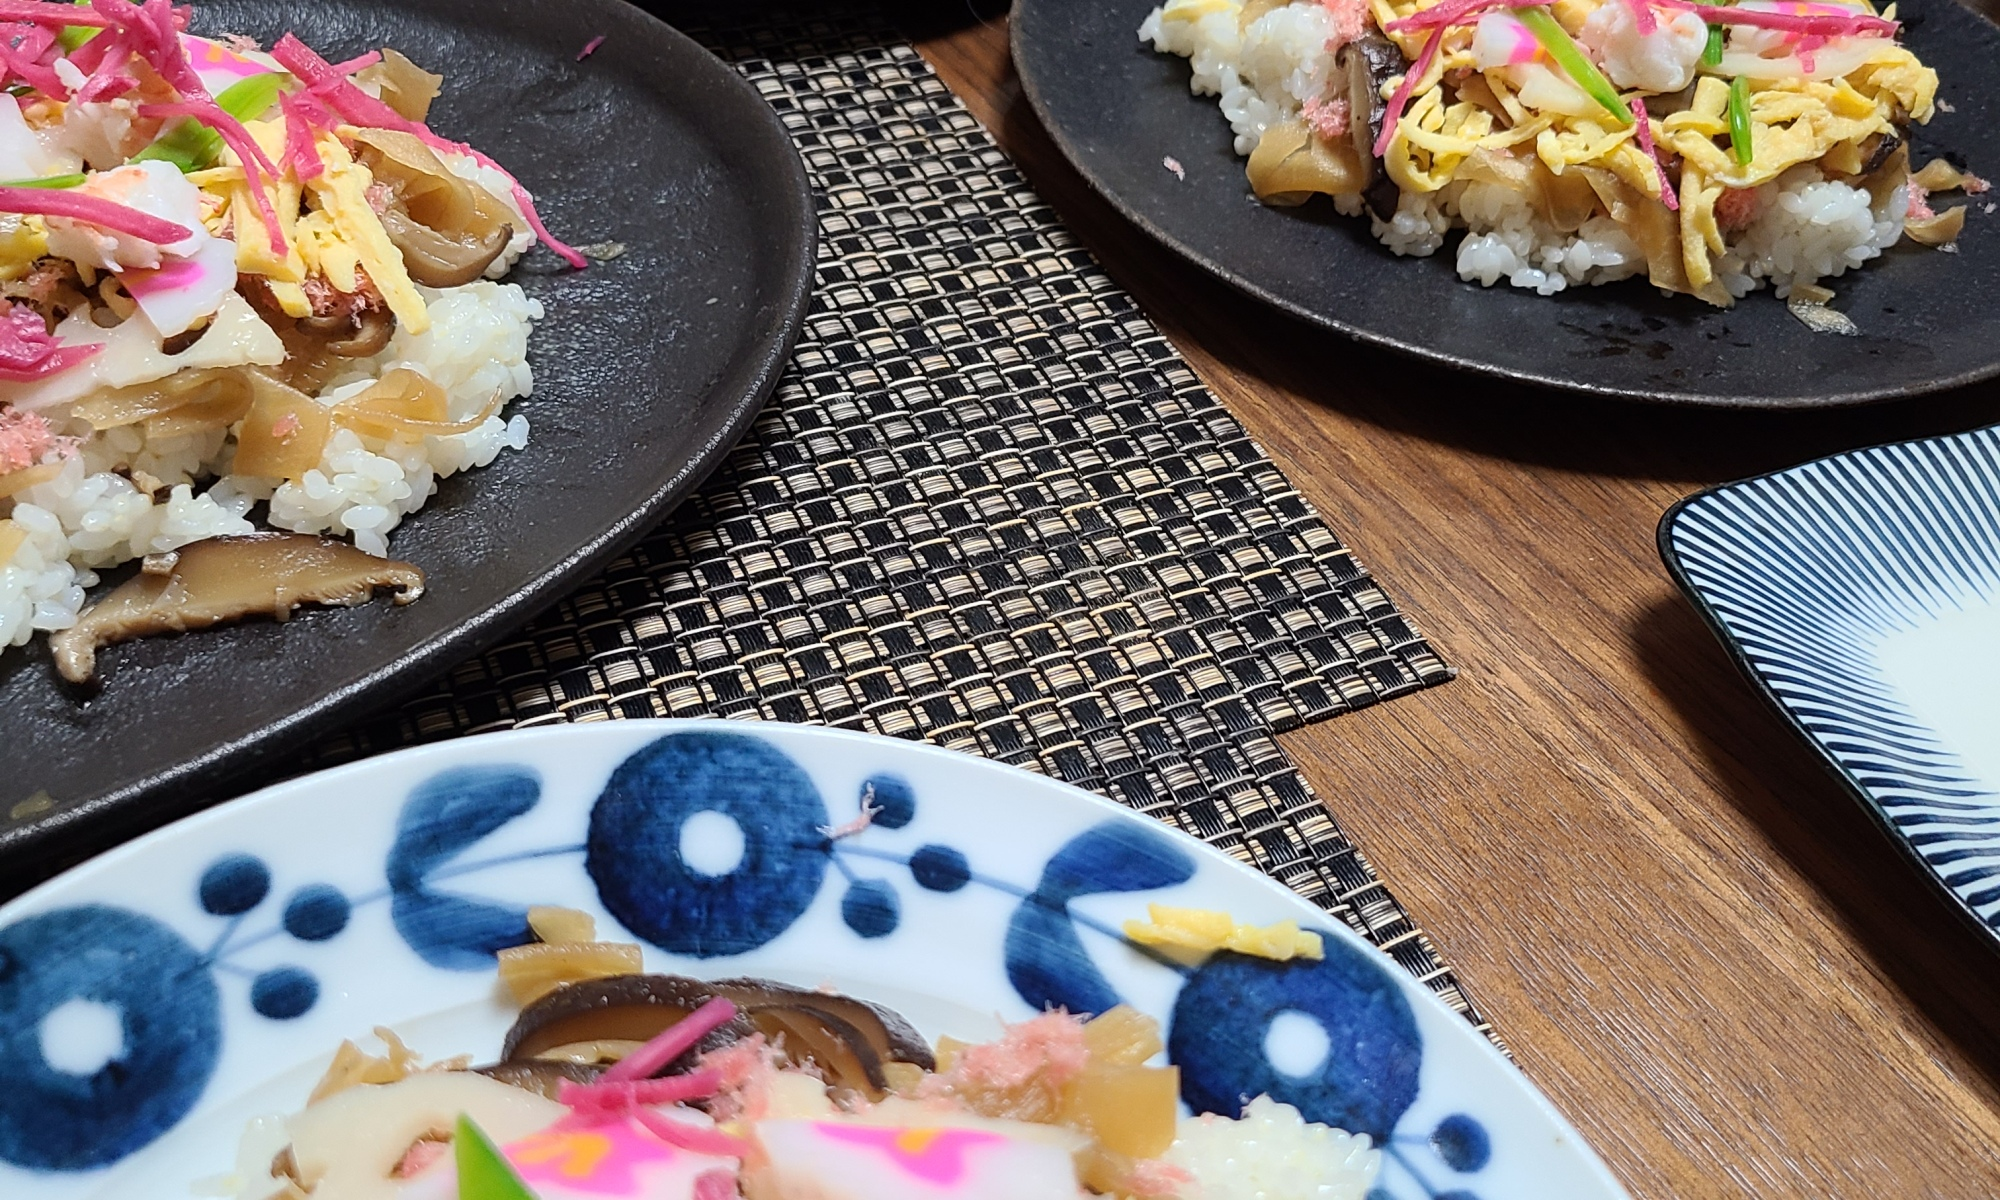 ばら寿司を盛り付けている風景